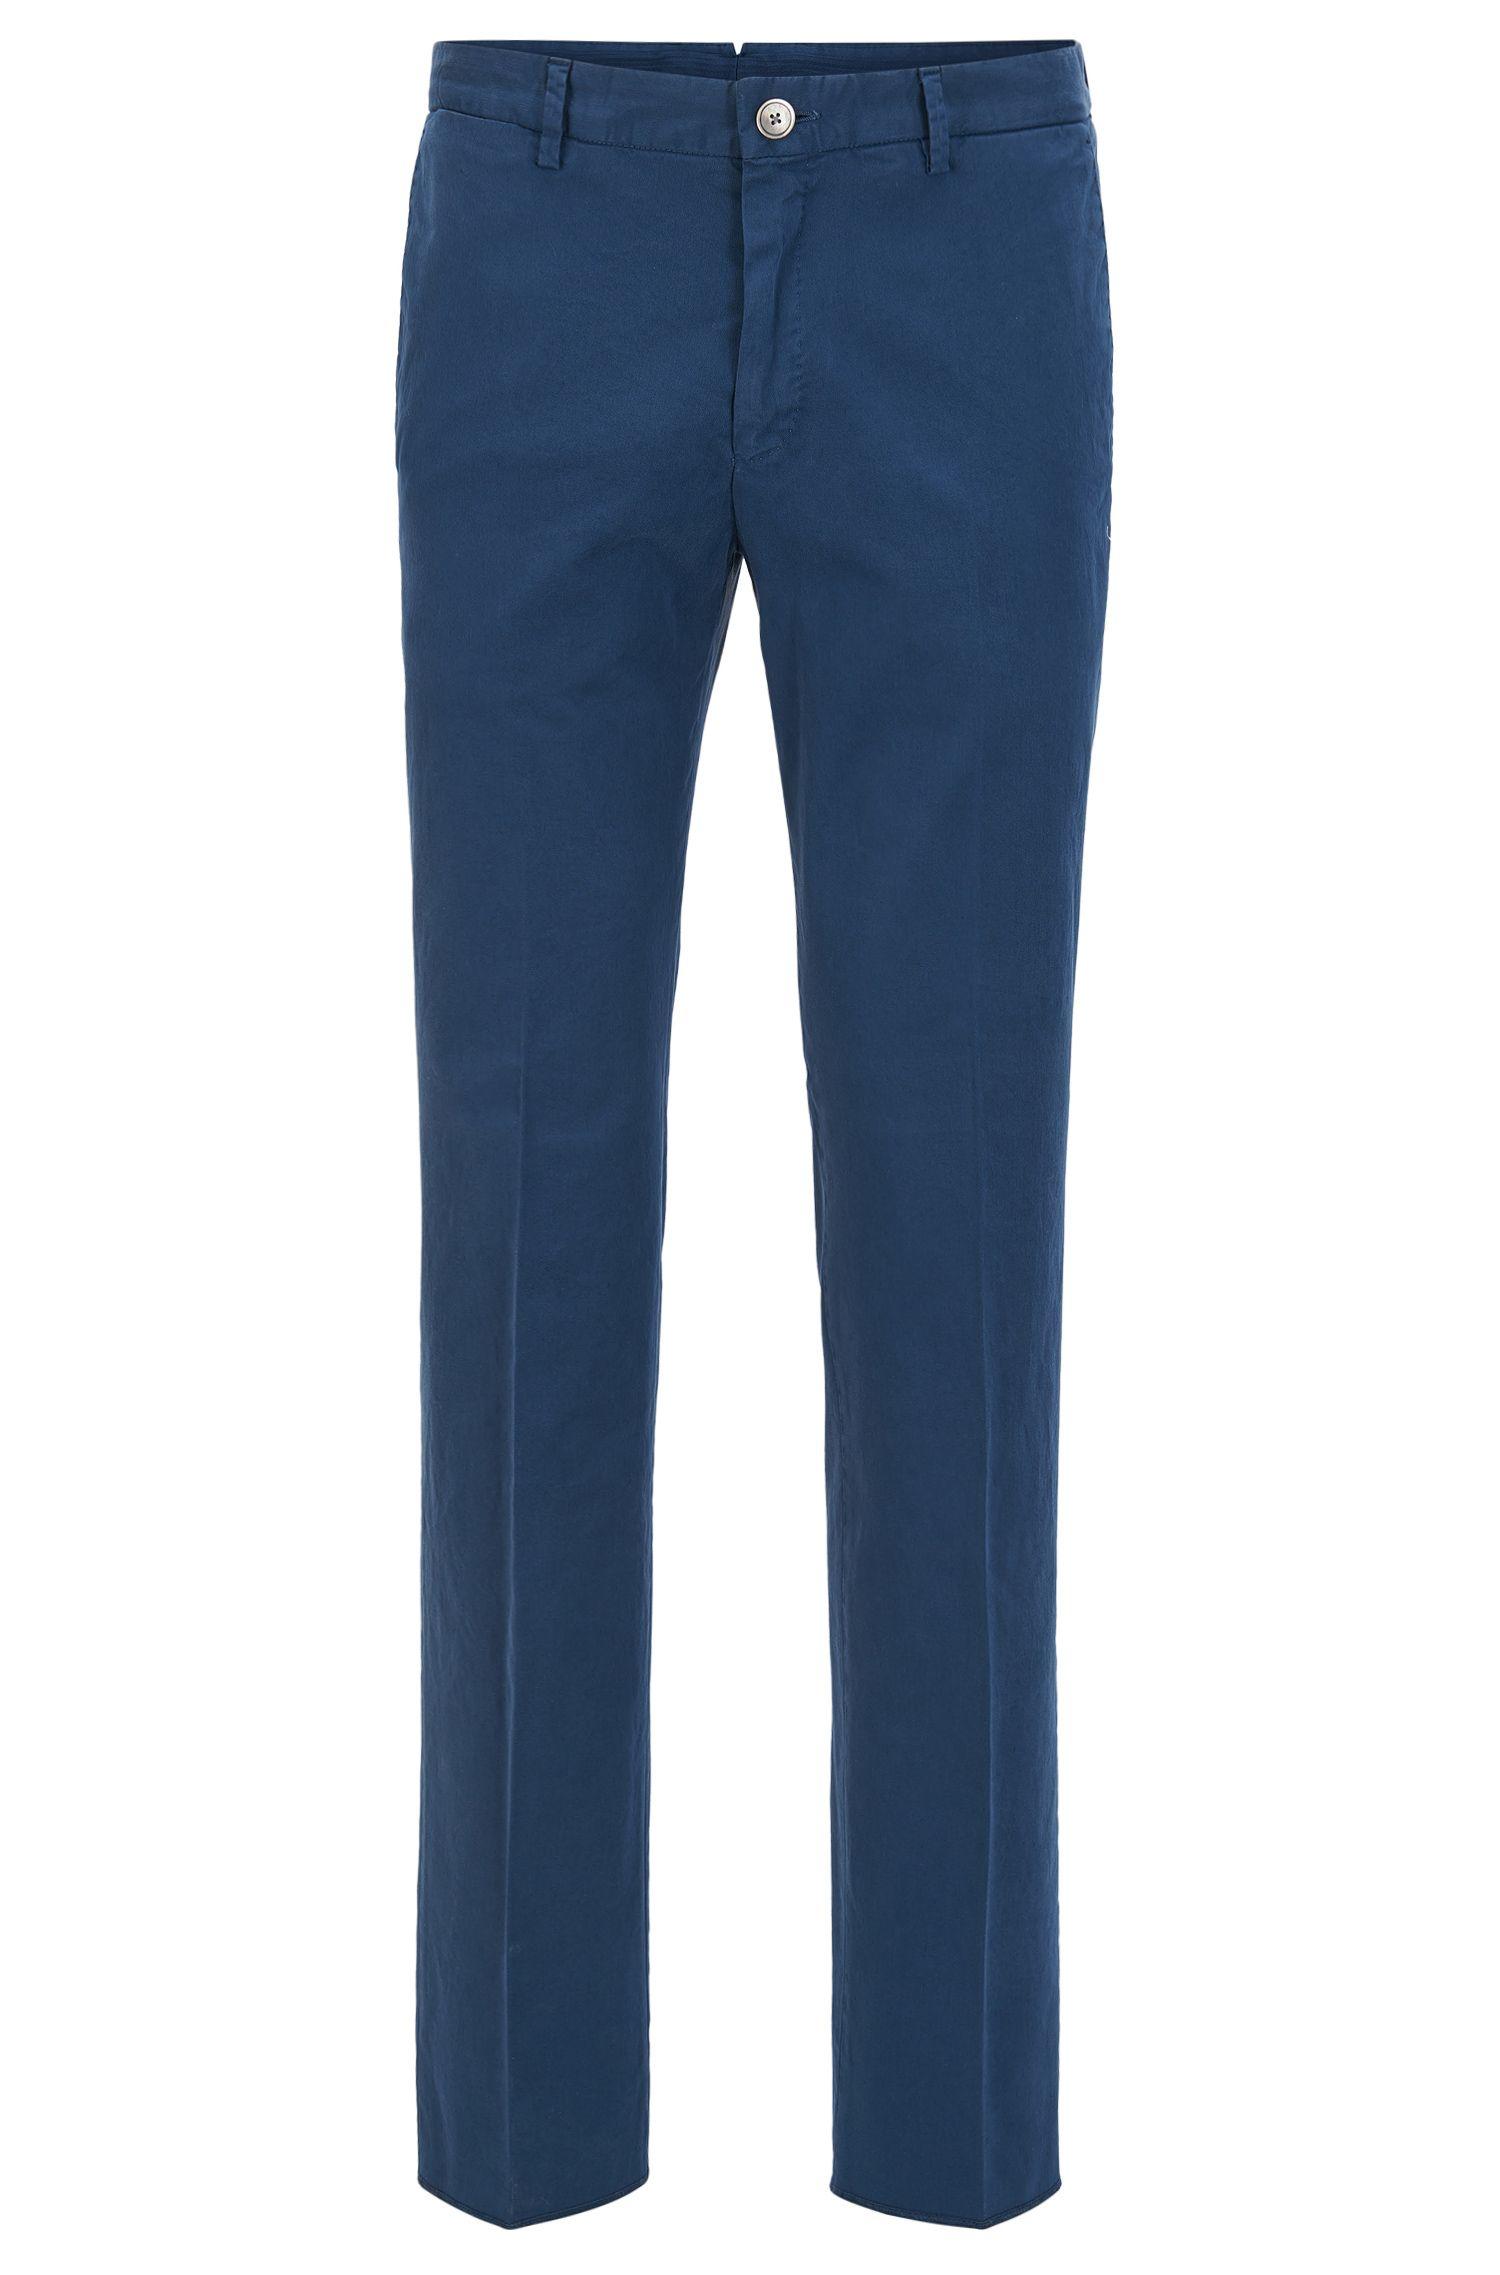 Pantalones slim fit de algodón elástico teñido en prenda